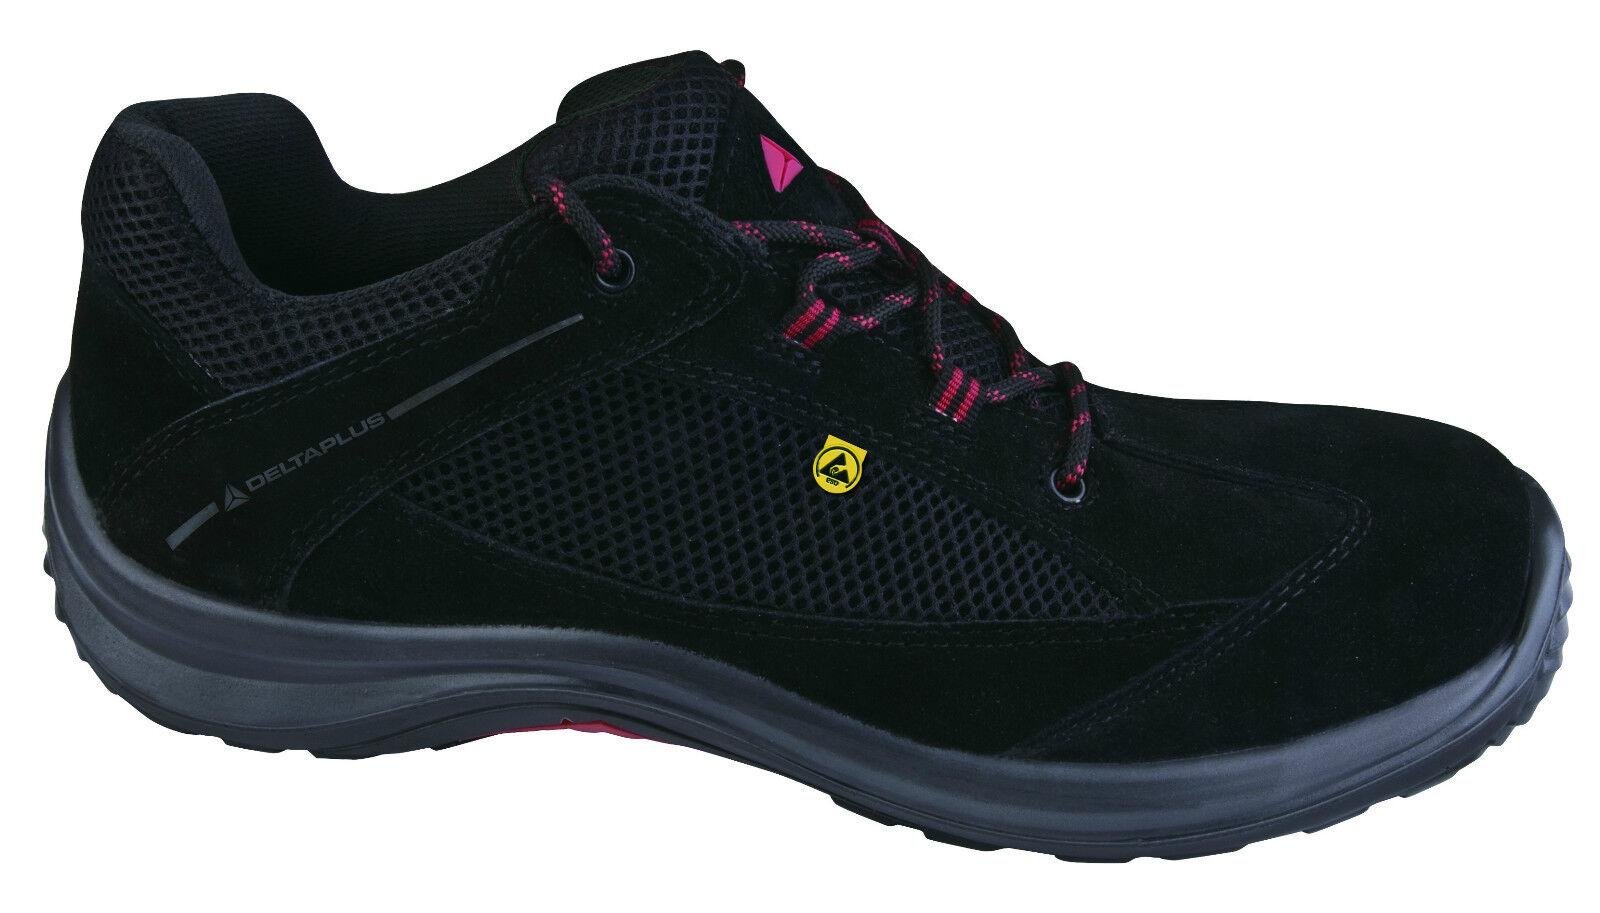 DELTA PLUS PANOPLY VIAGI ESD NERO UOMO Composite Toe Cap sicurezza sneakers Scarpe classiche da uomo